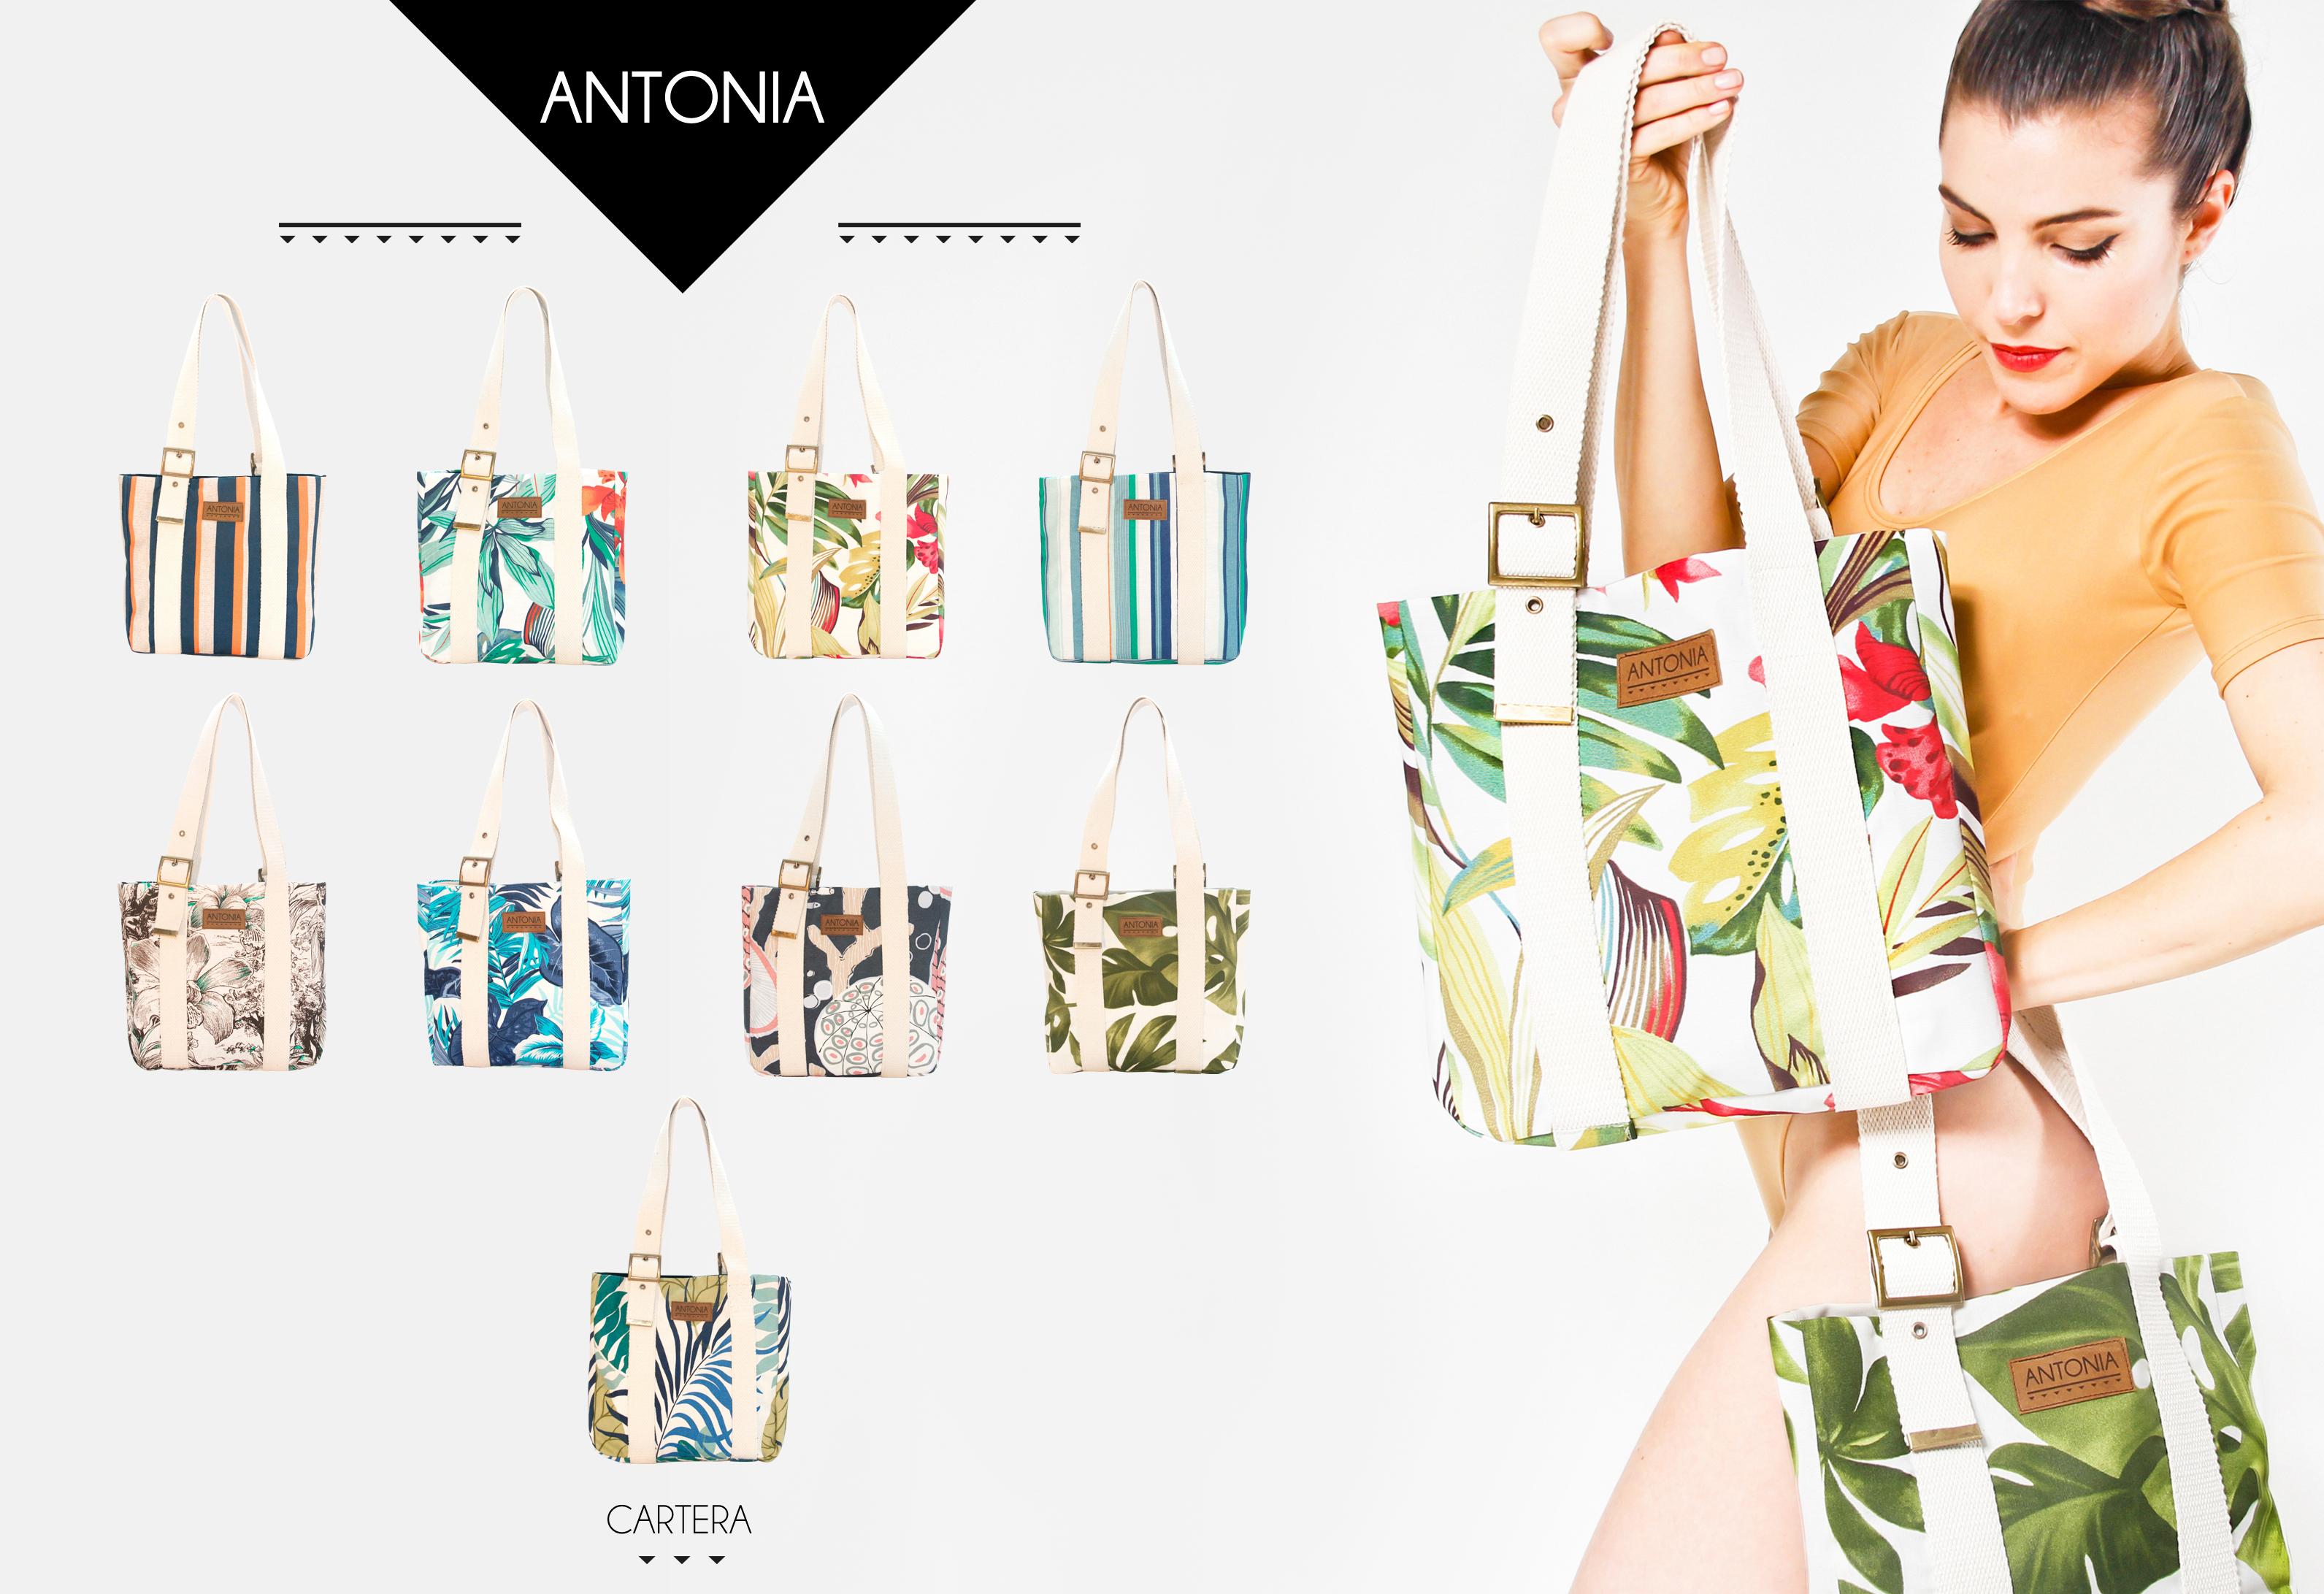 Antonia - Redes sociales